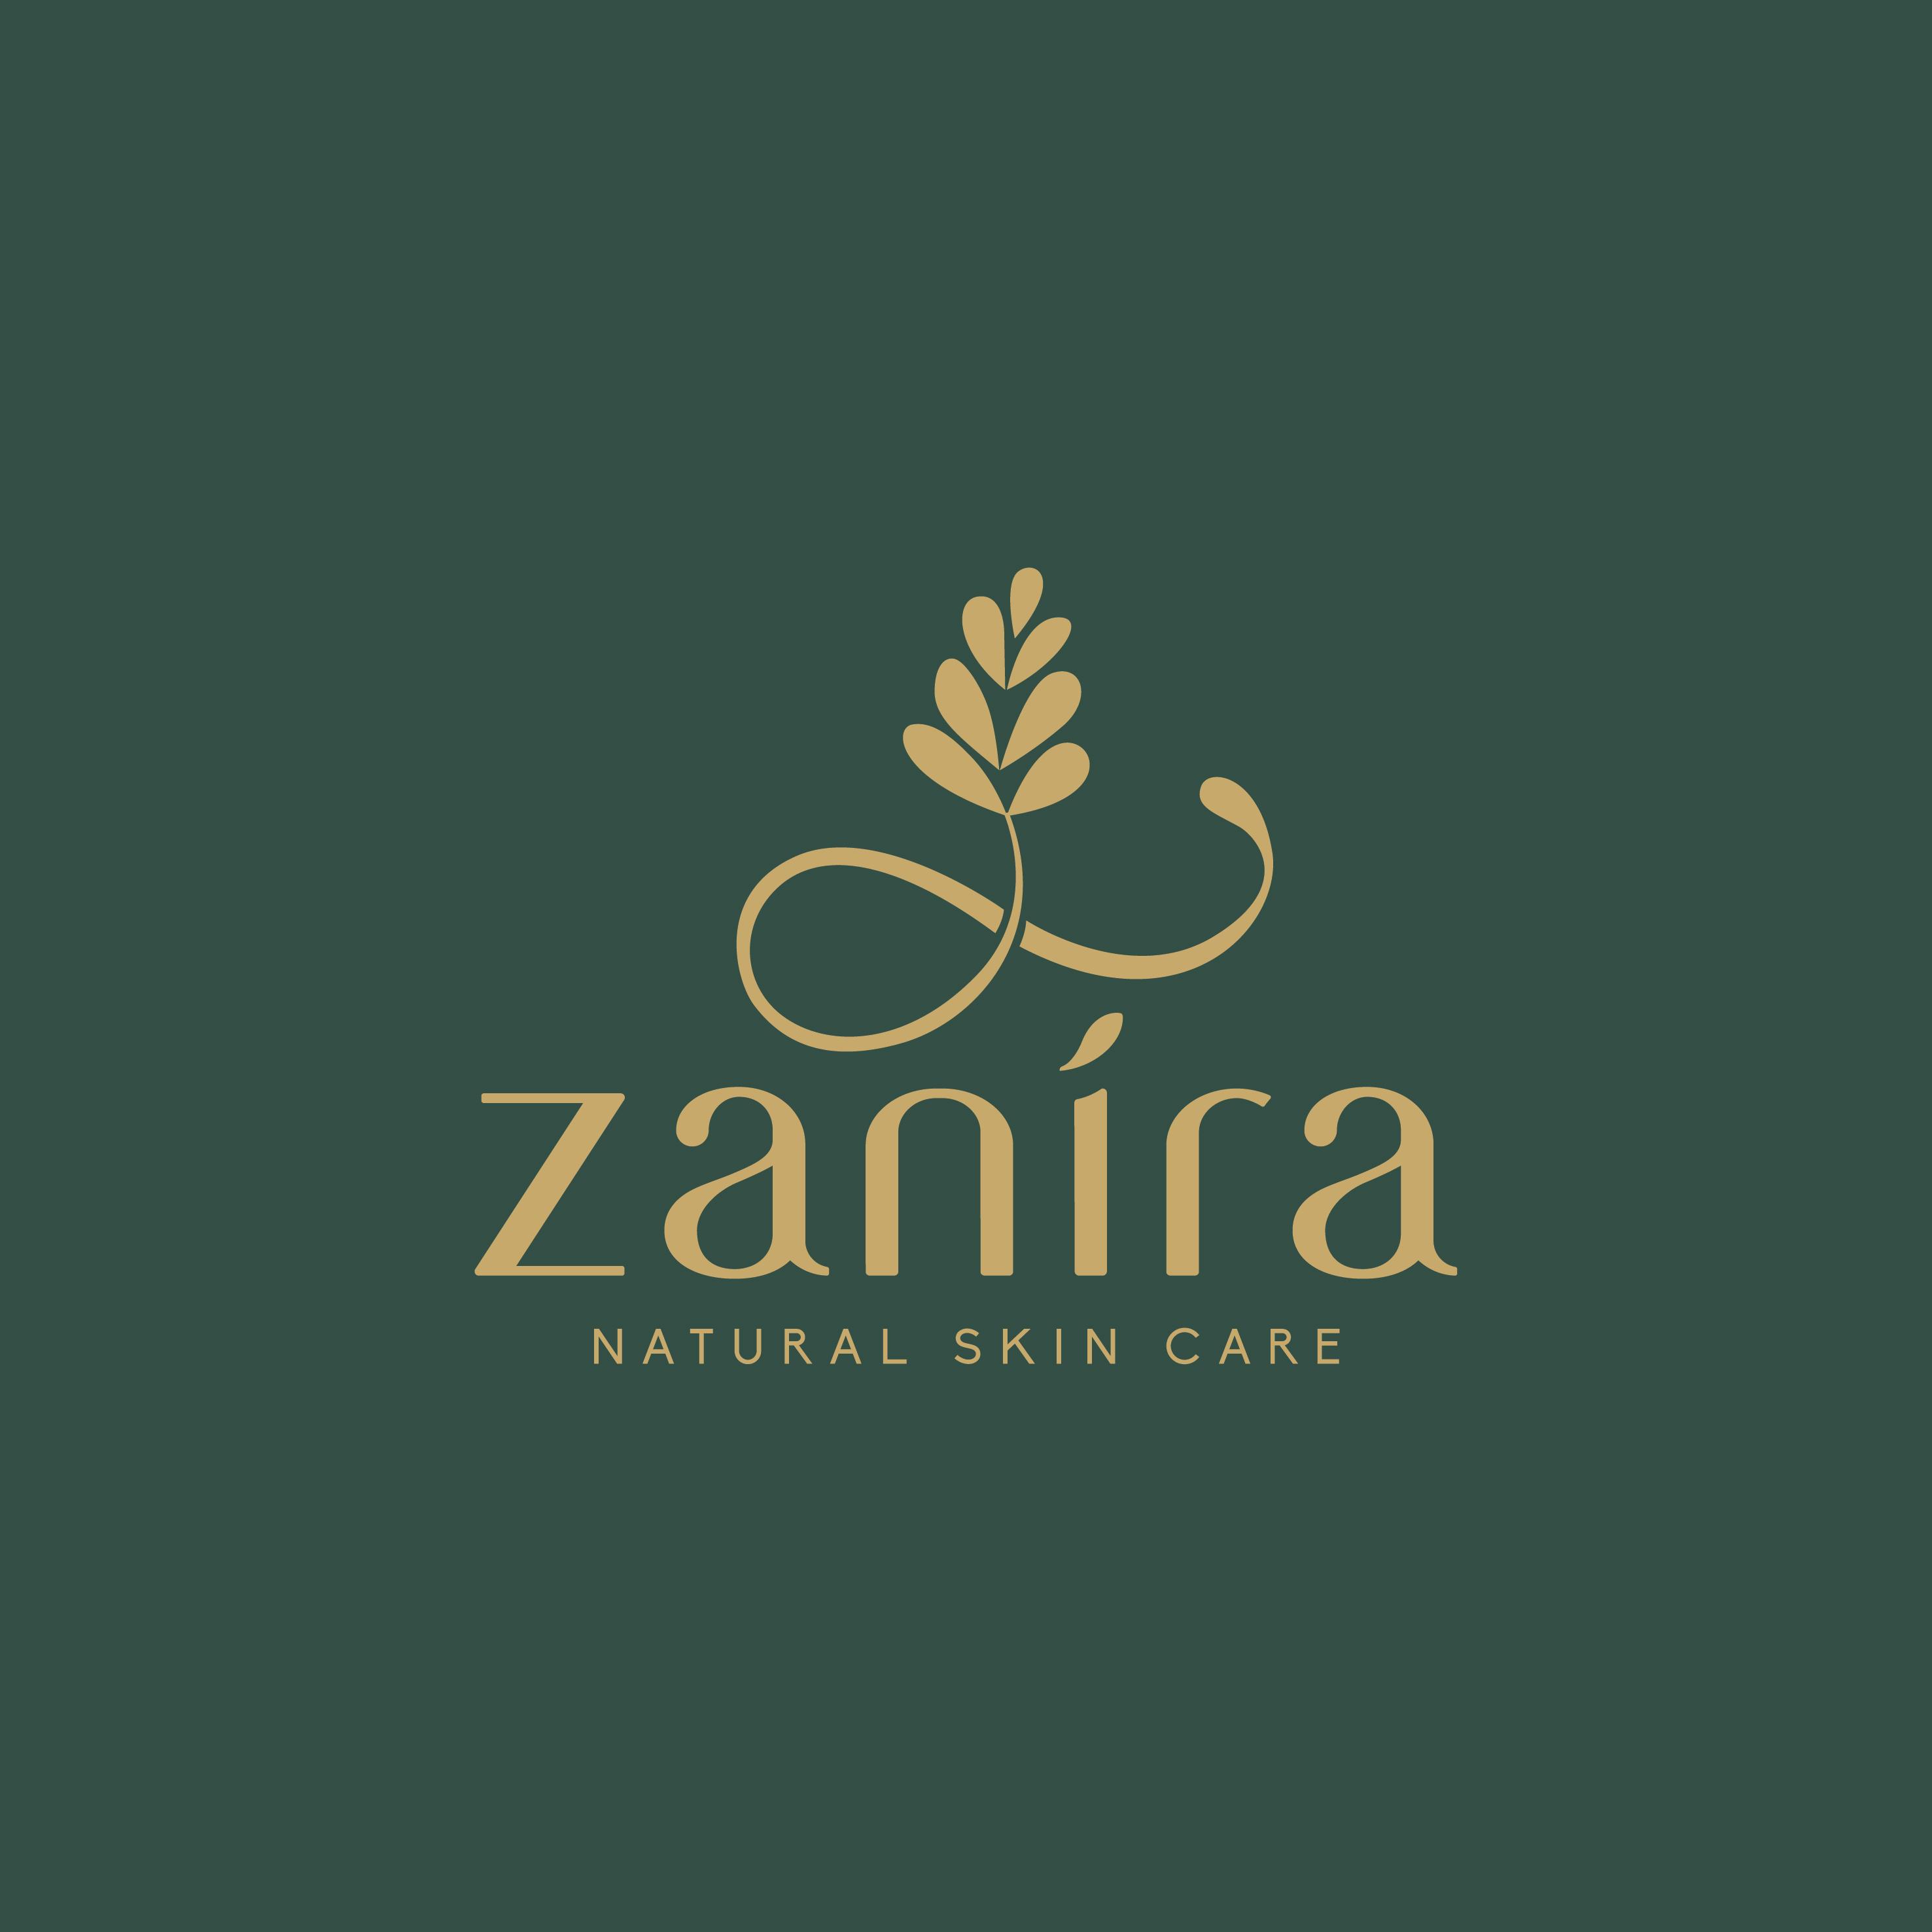 Zanirabeauty